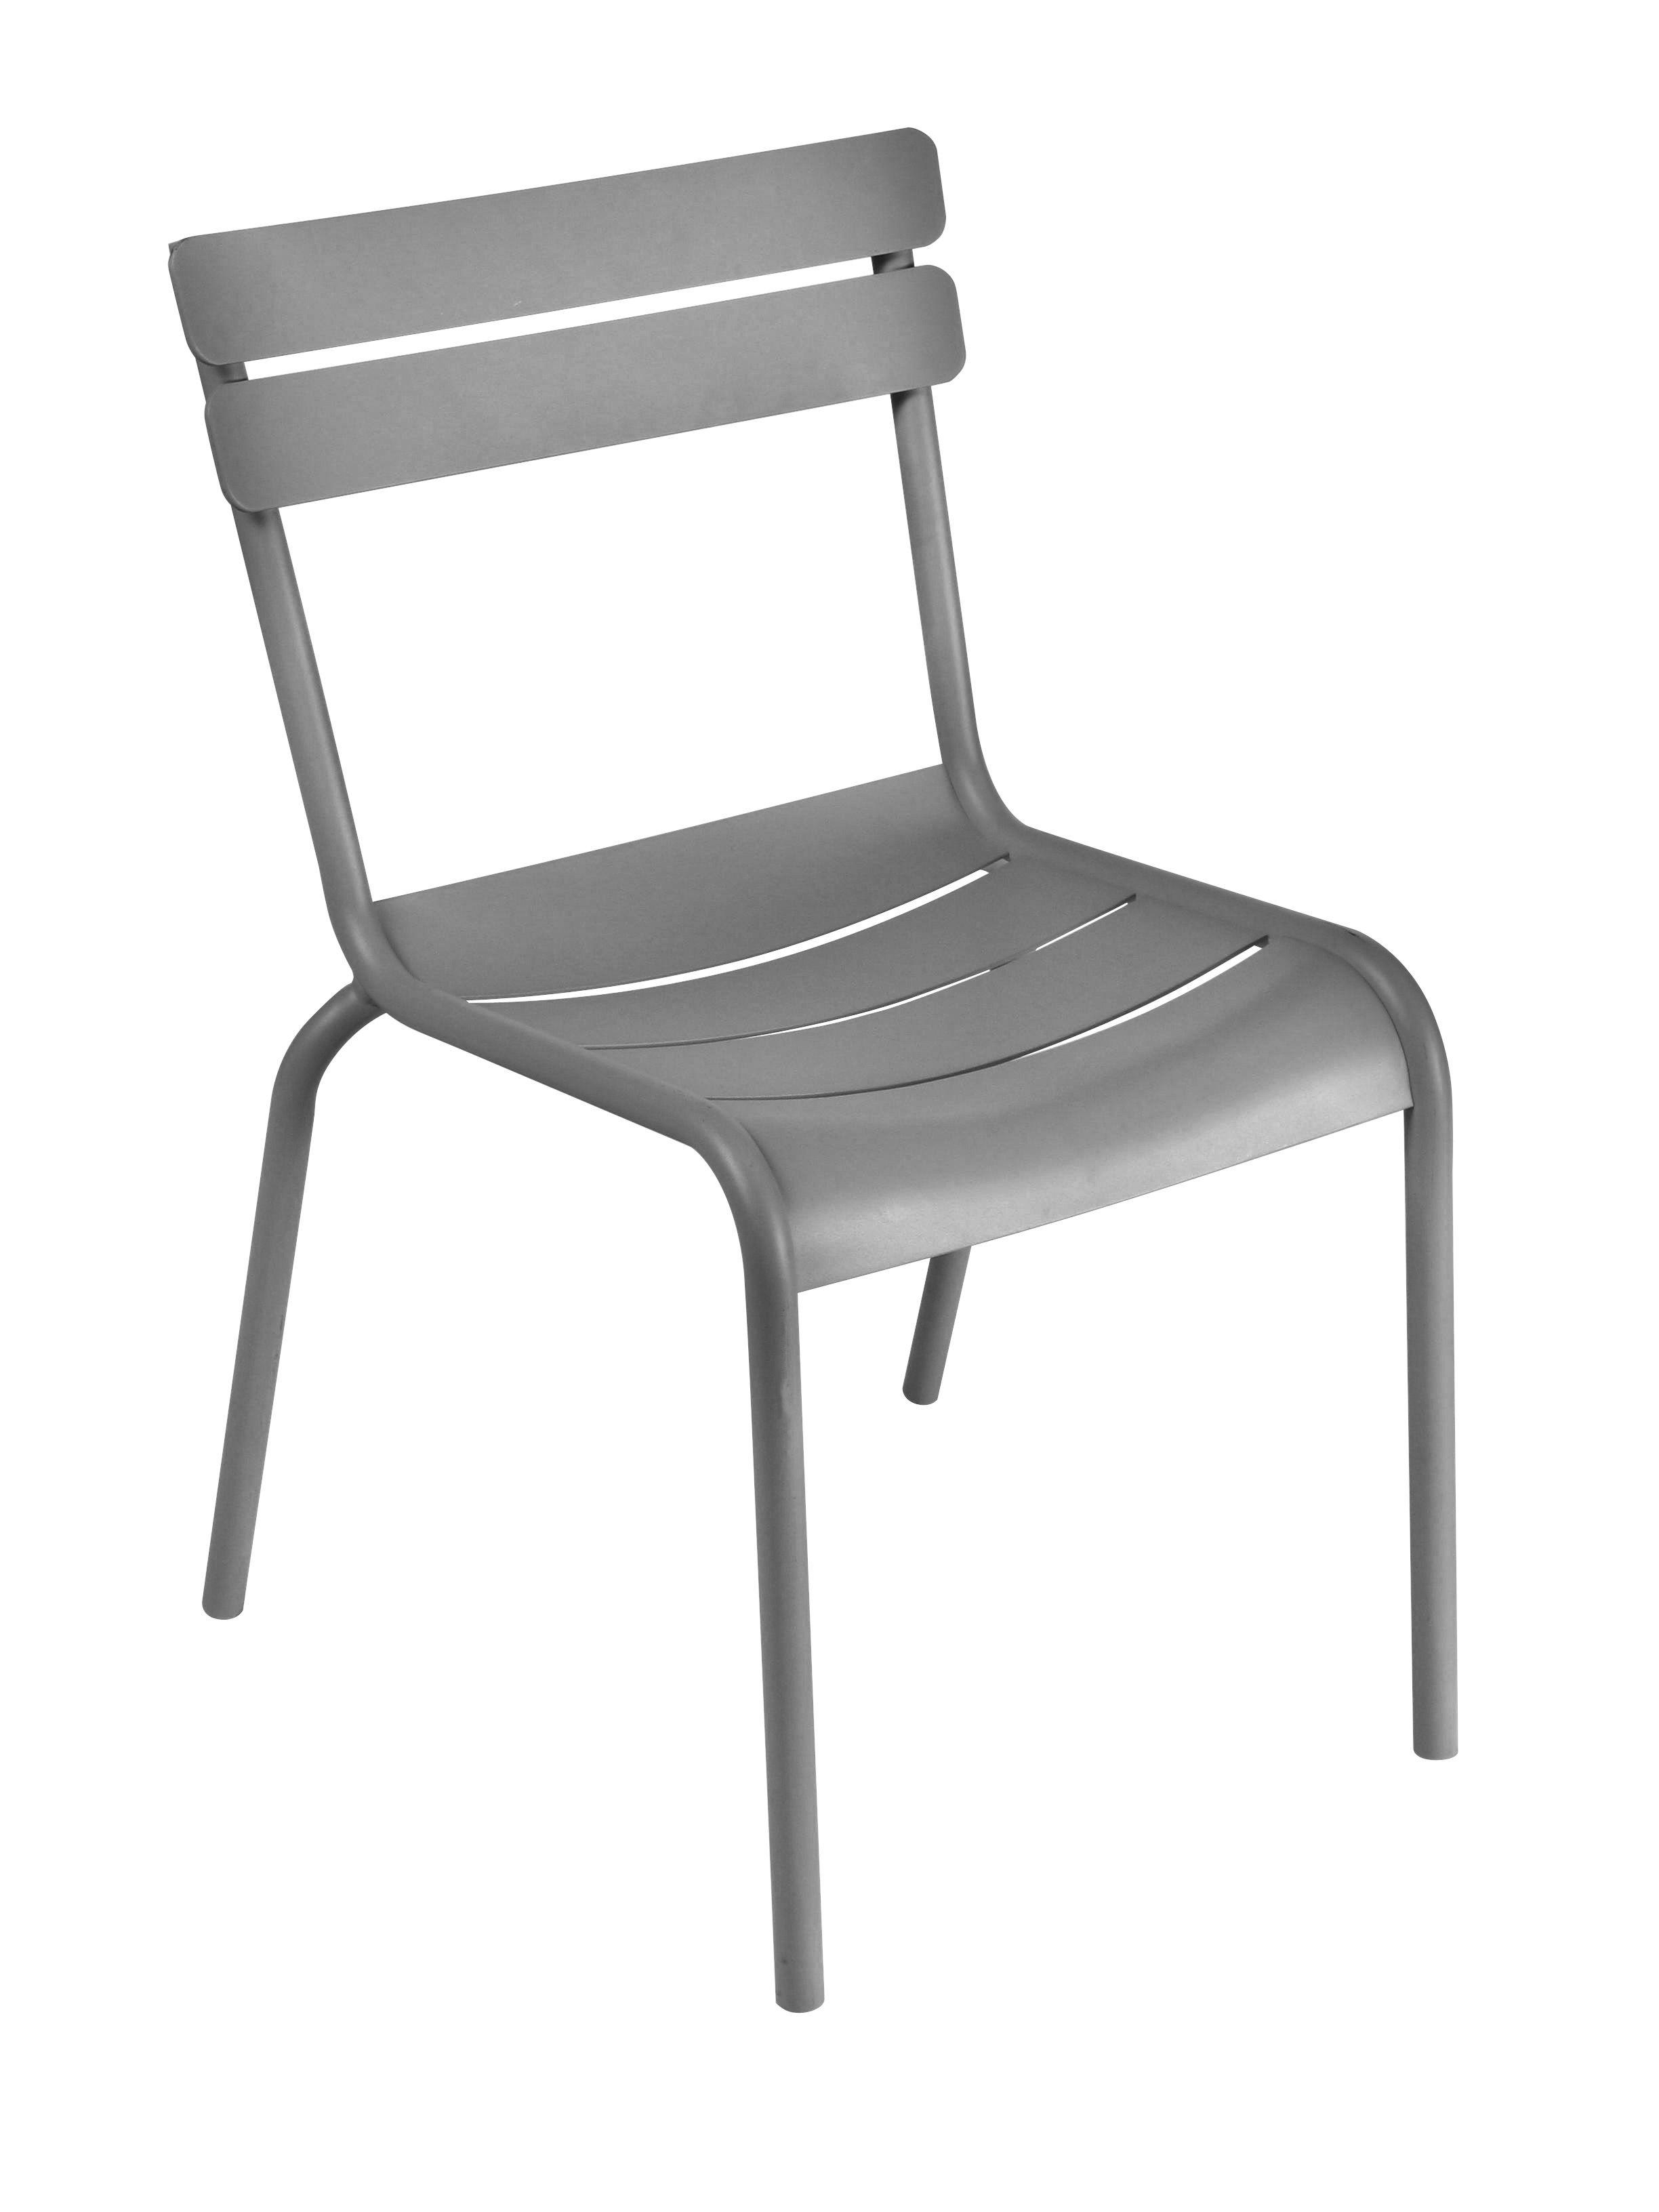 Life Style - Sedia impilabile Luxembourg di Fermob - Grigio metallo - Alluminio laccato